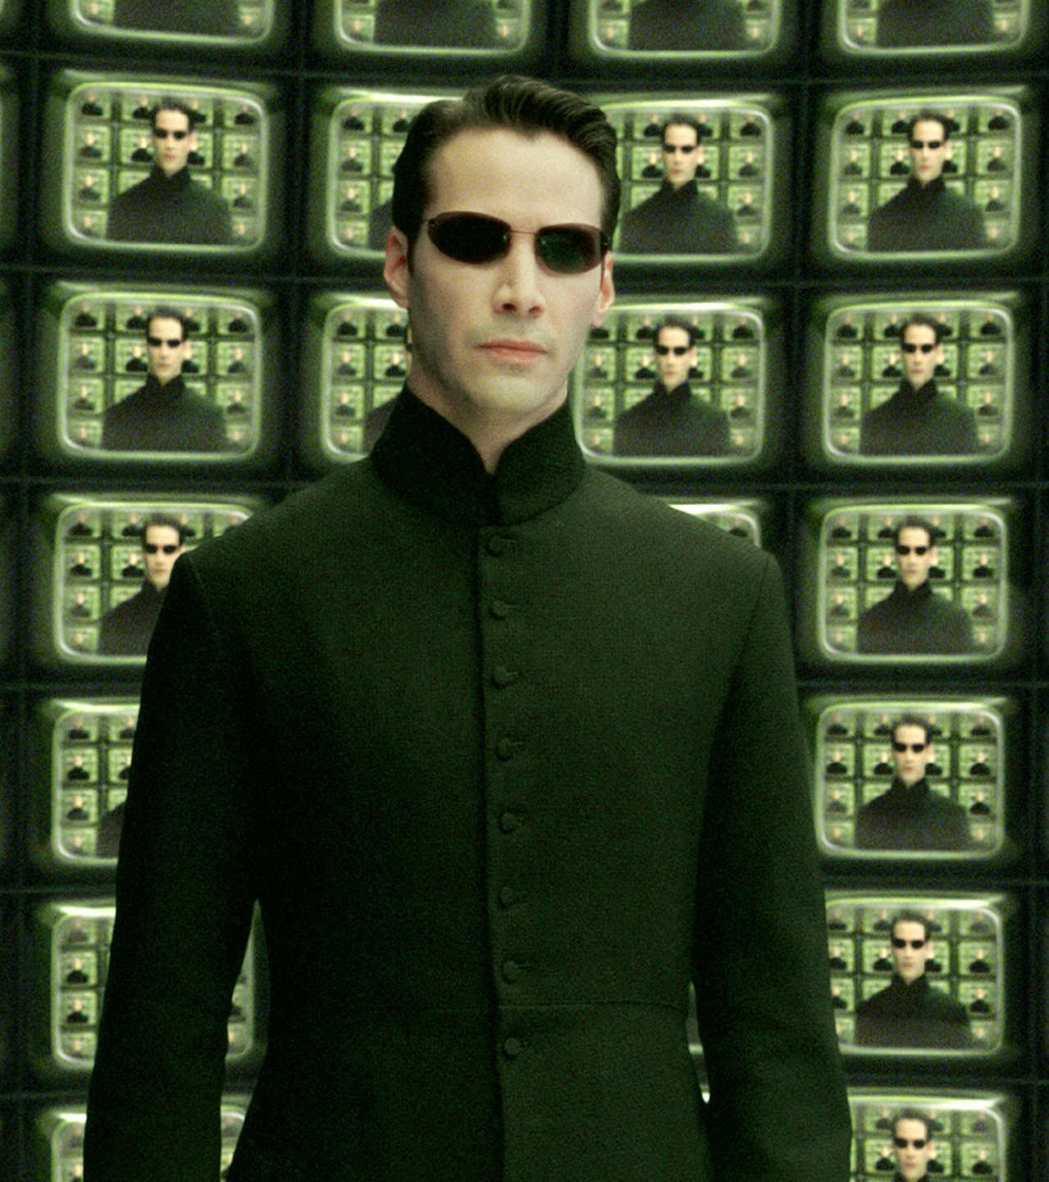 基努李維將再回歸「駭客任務」系列拍攝新續集。圖/路透資料照片